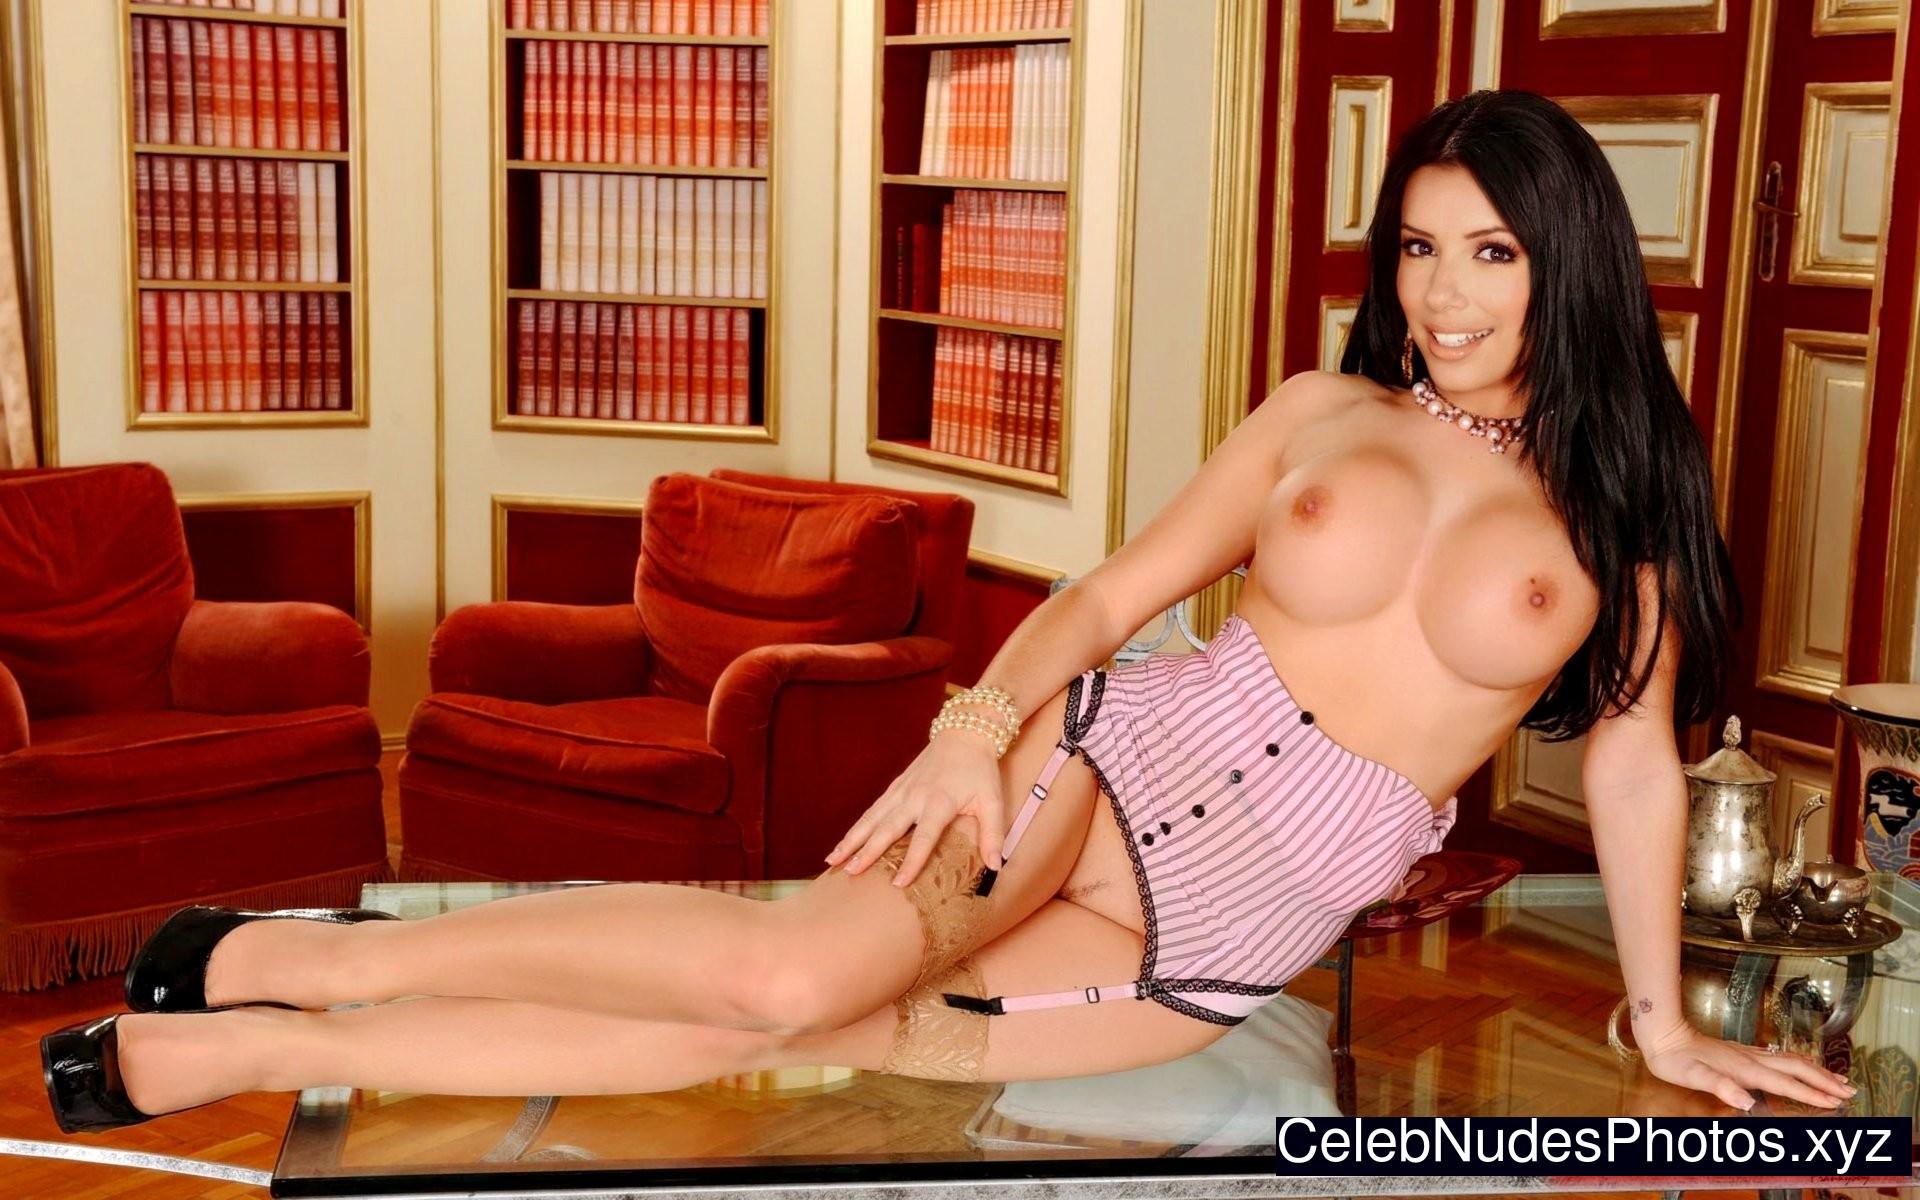 Eva Longoria Free Nude Celeb sexy 30